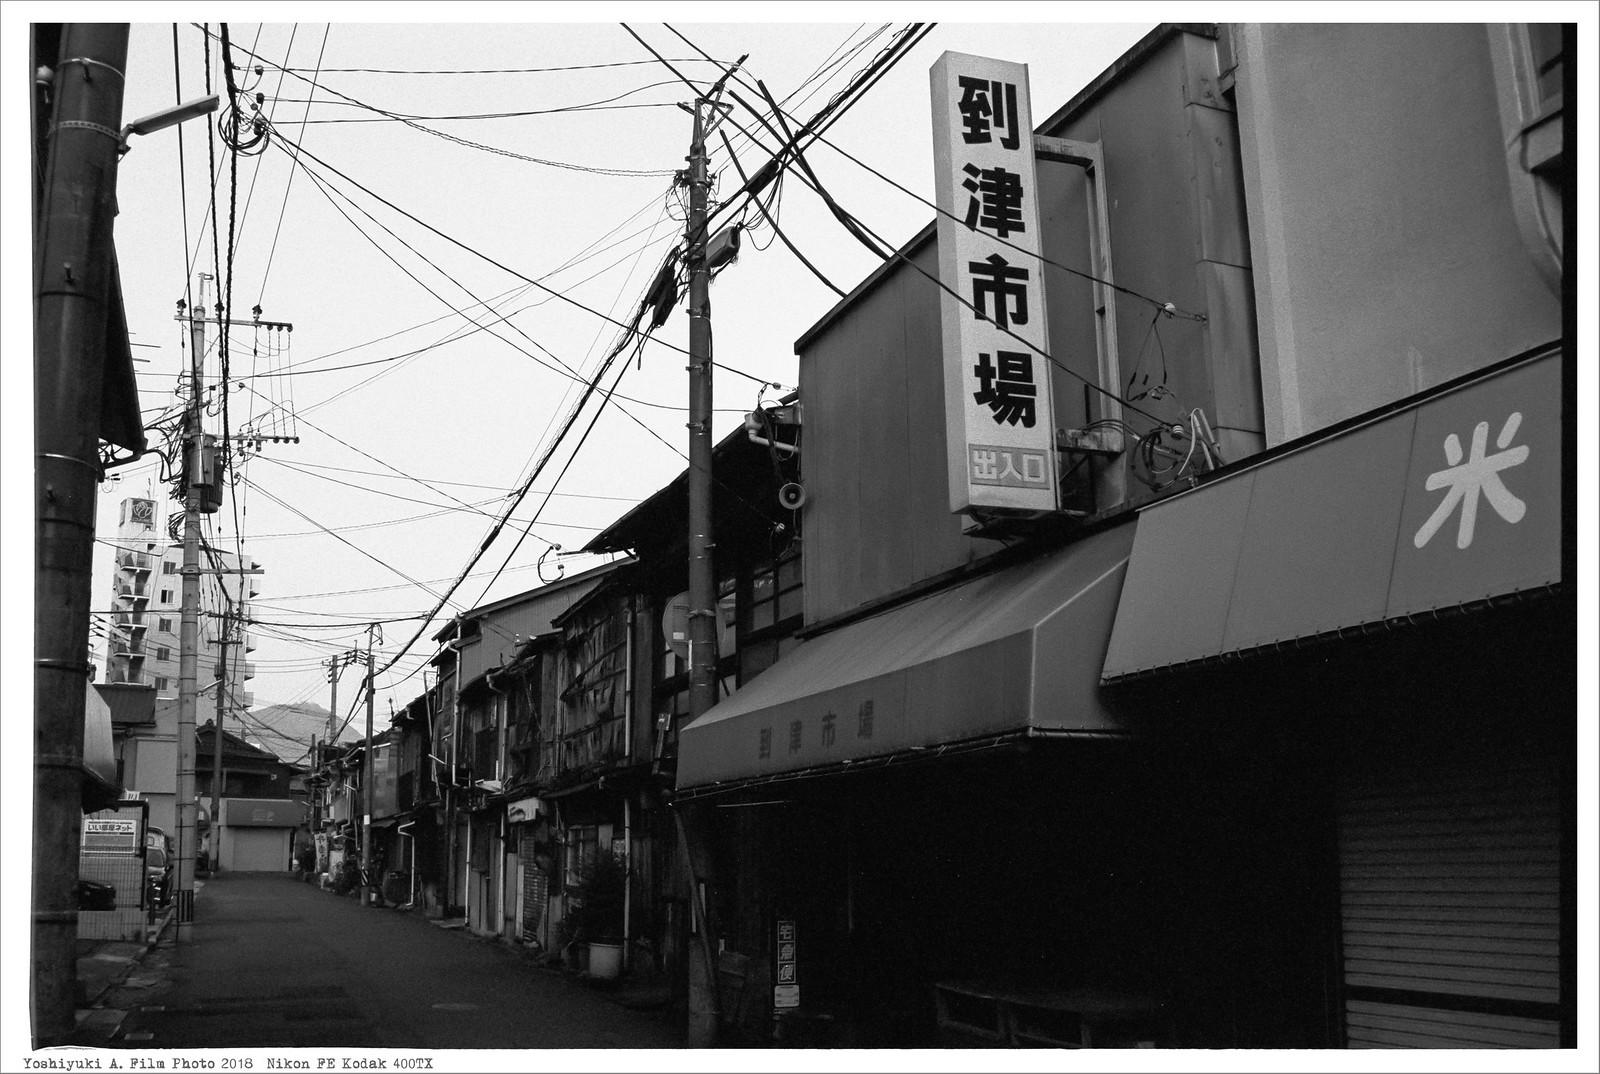 北九州市小倉 到津市場 Nikon_FE_Kodak_400TX__53